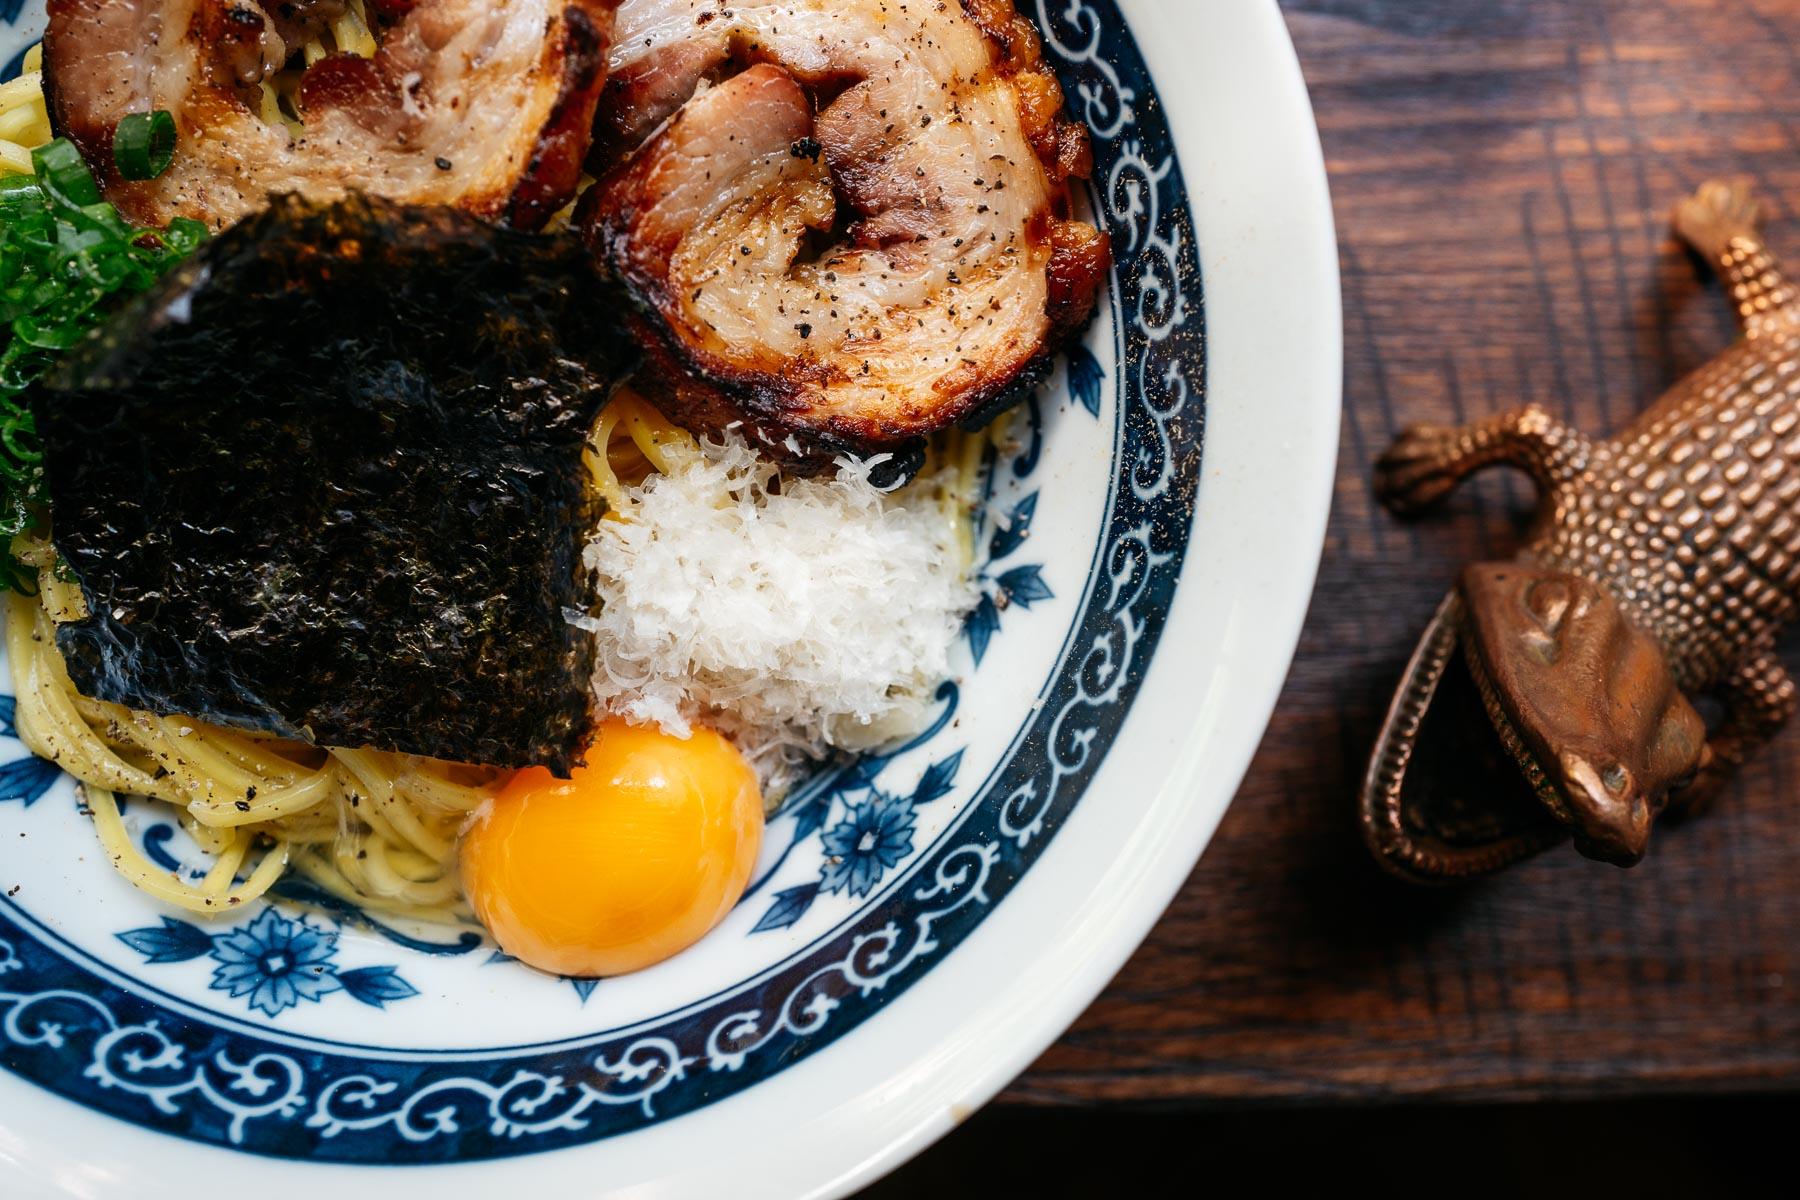 Carboramen (boczek chashu, żółtko, parmezan, zielona część dymki, nori) – 30 zł